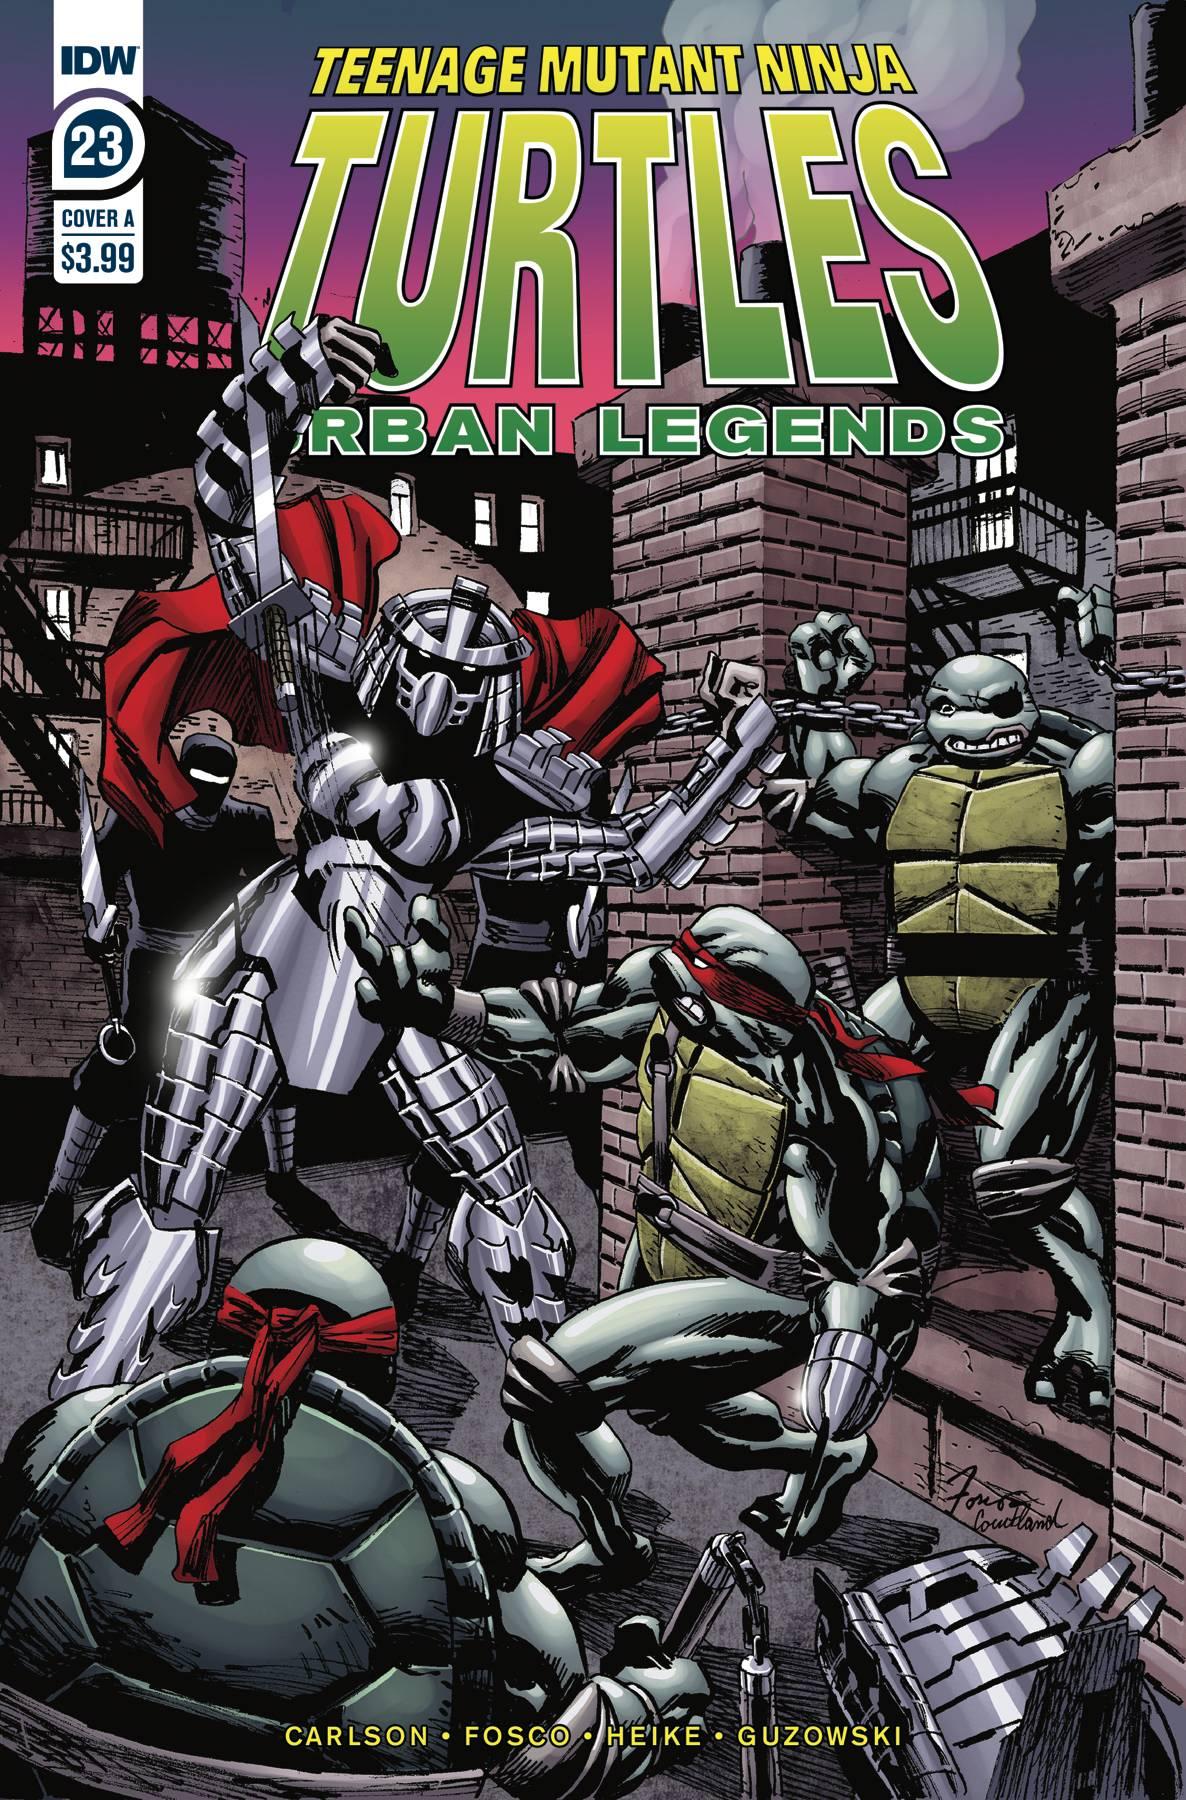 Teenage Mutant Ninja Turtles Urban Legends #23